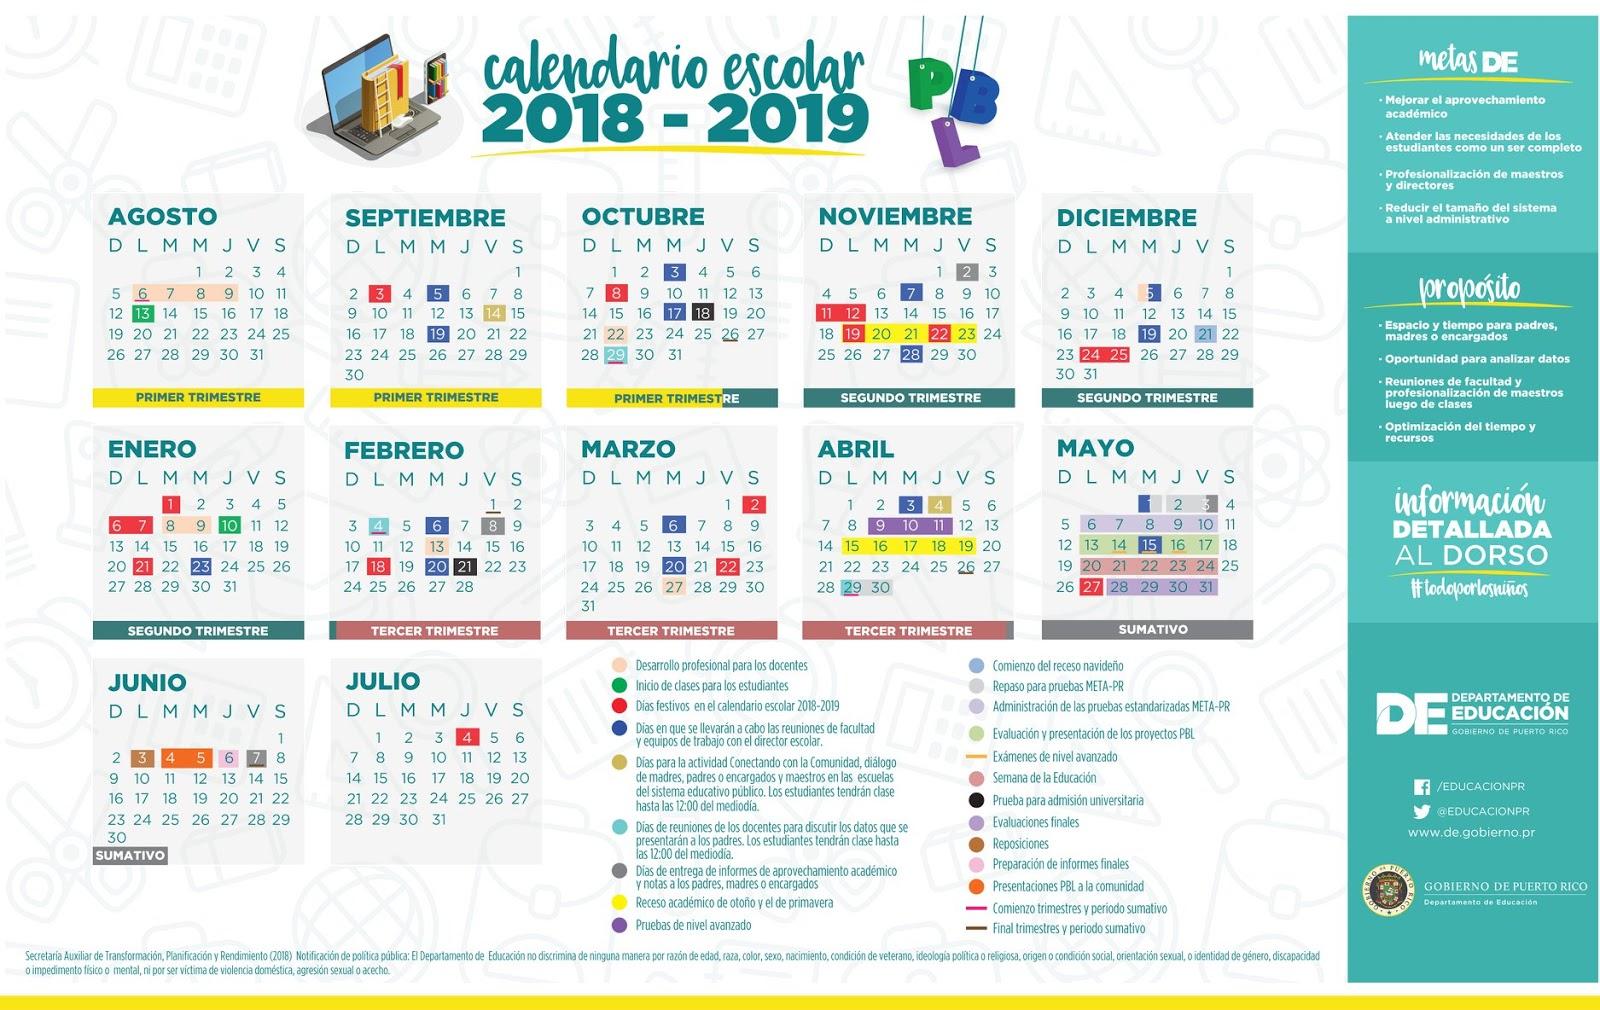 Documentos Normativos Departamento De Educación 2018